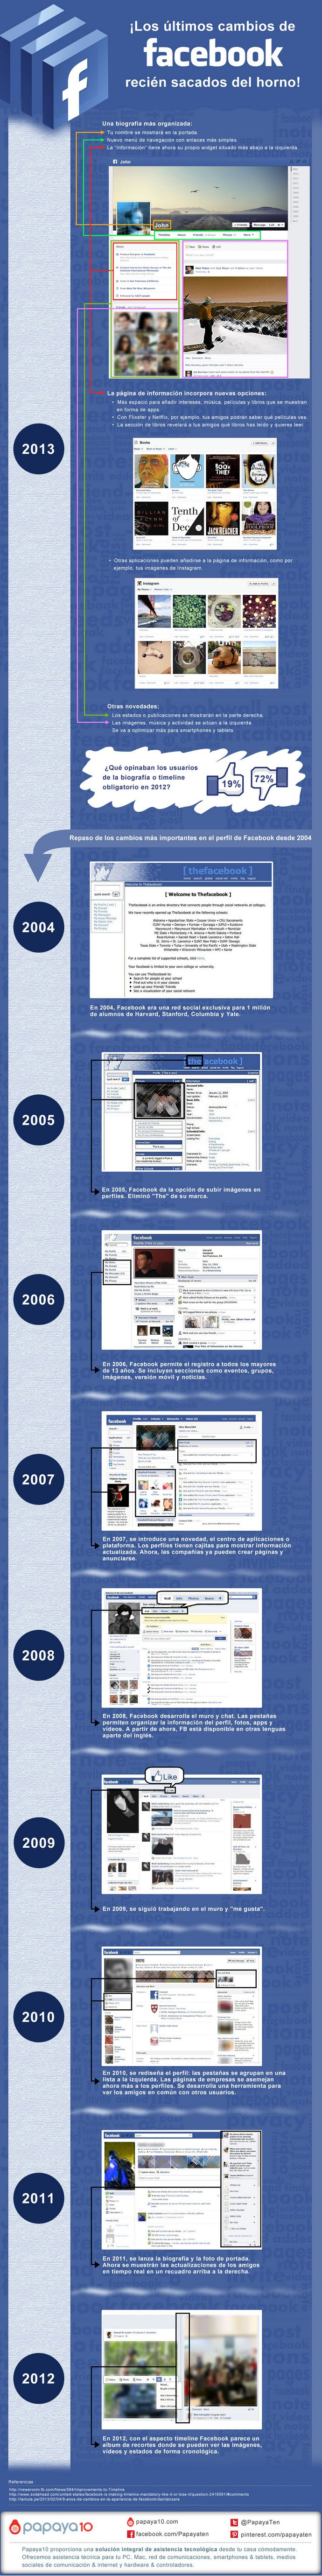 facebook-cambios-2004-2013